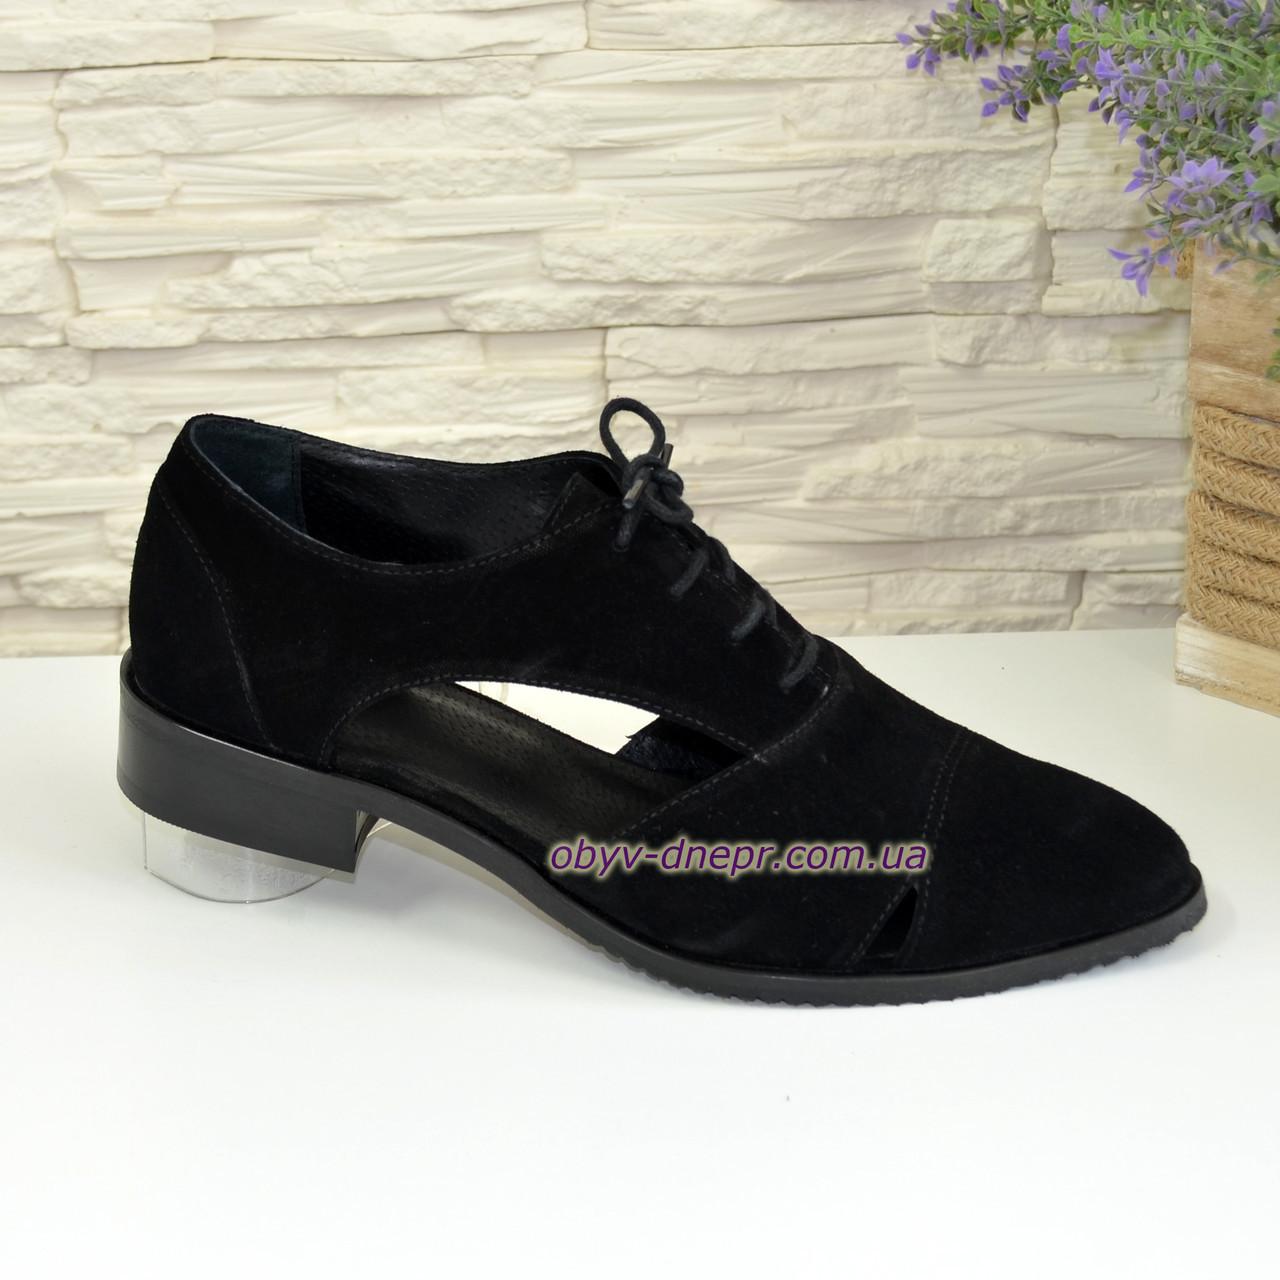 Замшевые туфли женские на низком ходу, цвет черный, фото 1